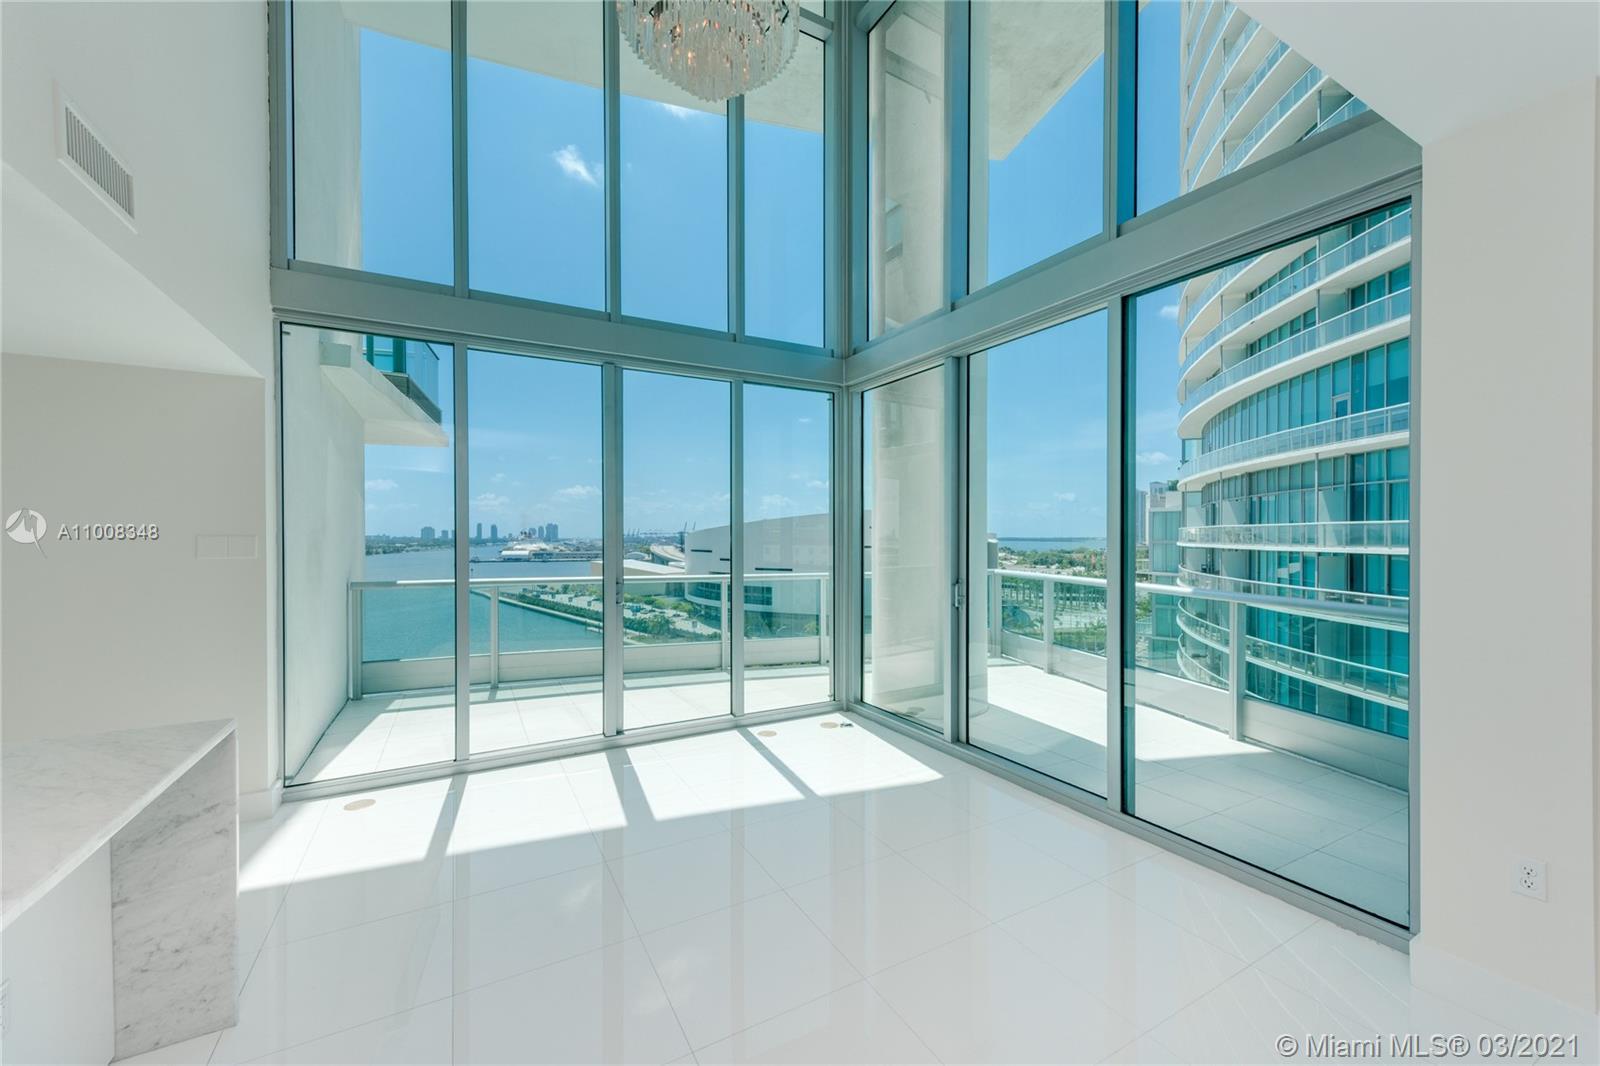 900 Biscayne Bay #1401 - 900 Biscayne Blvd #1401, Miami, FL 33132